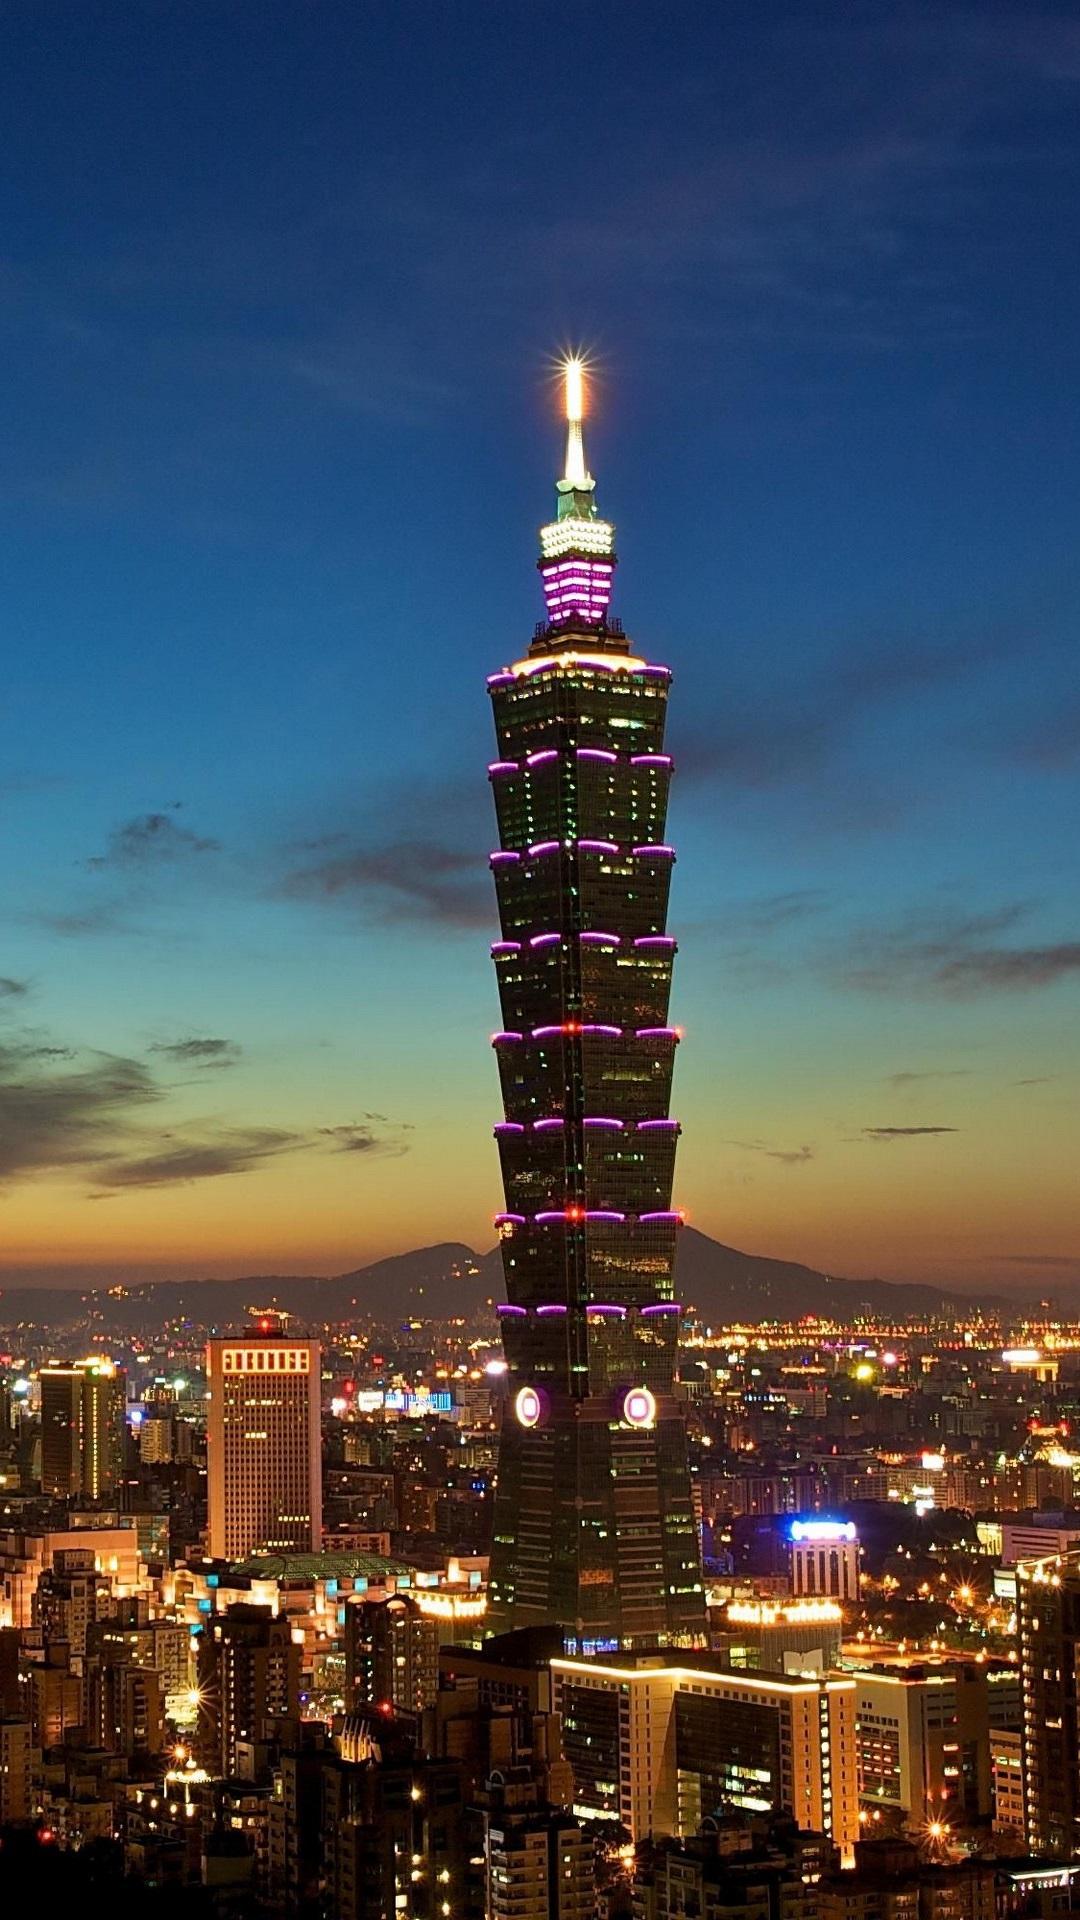 Tapeta pro iPhone - Tchajwan - Tchajpej